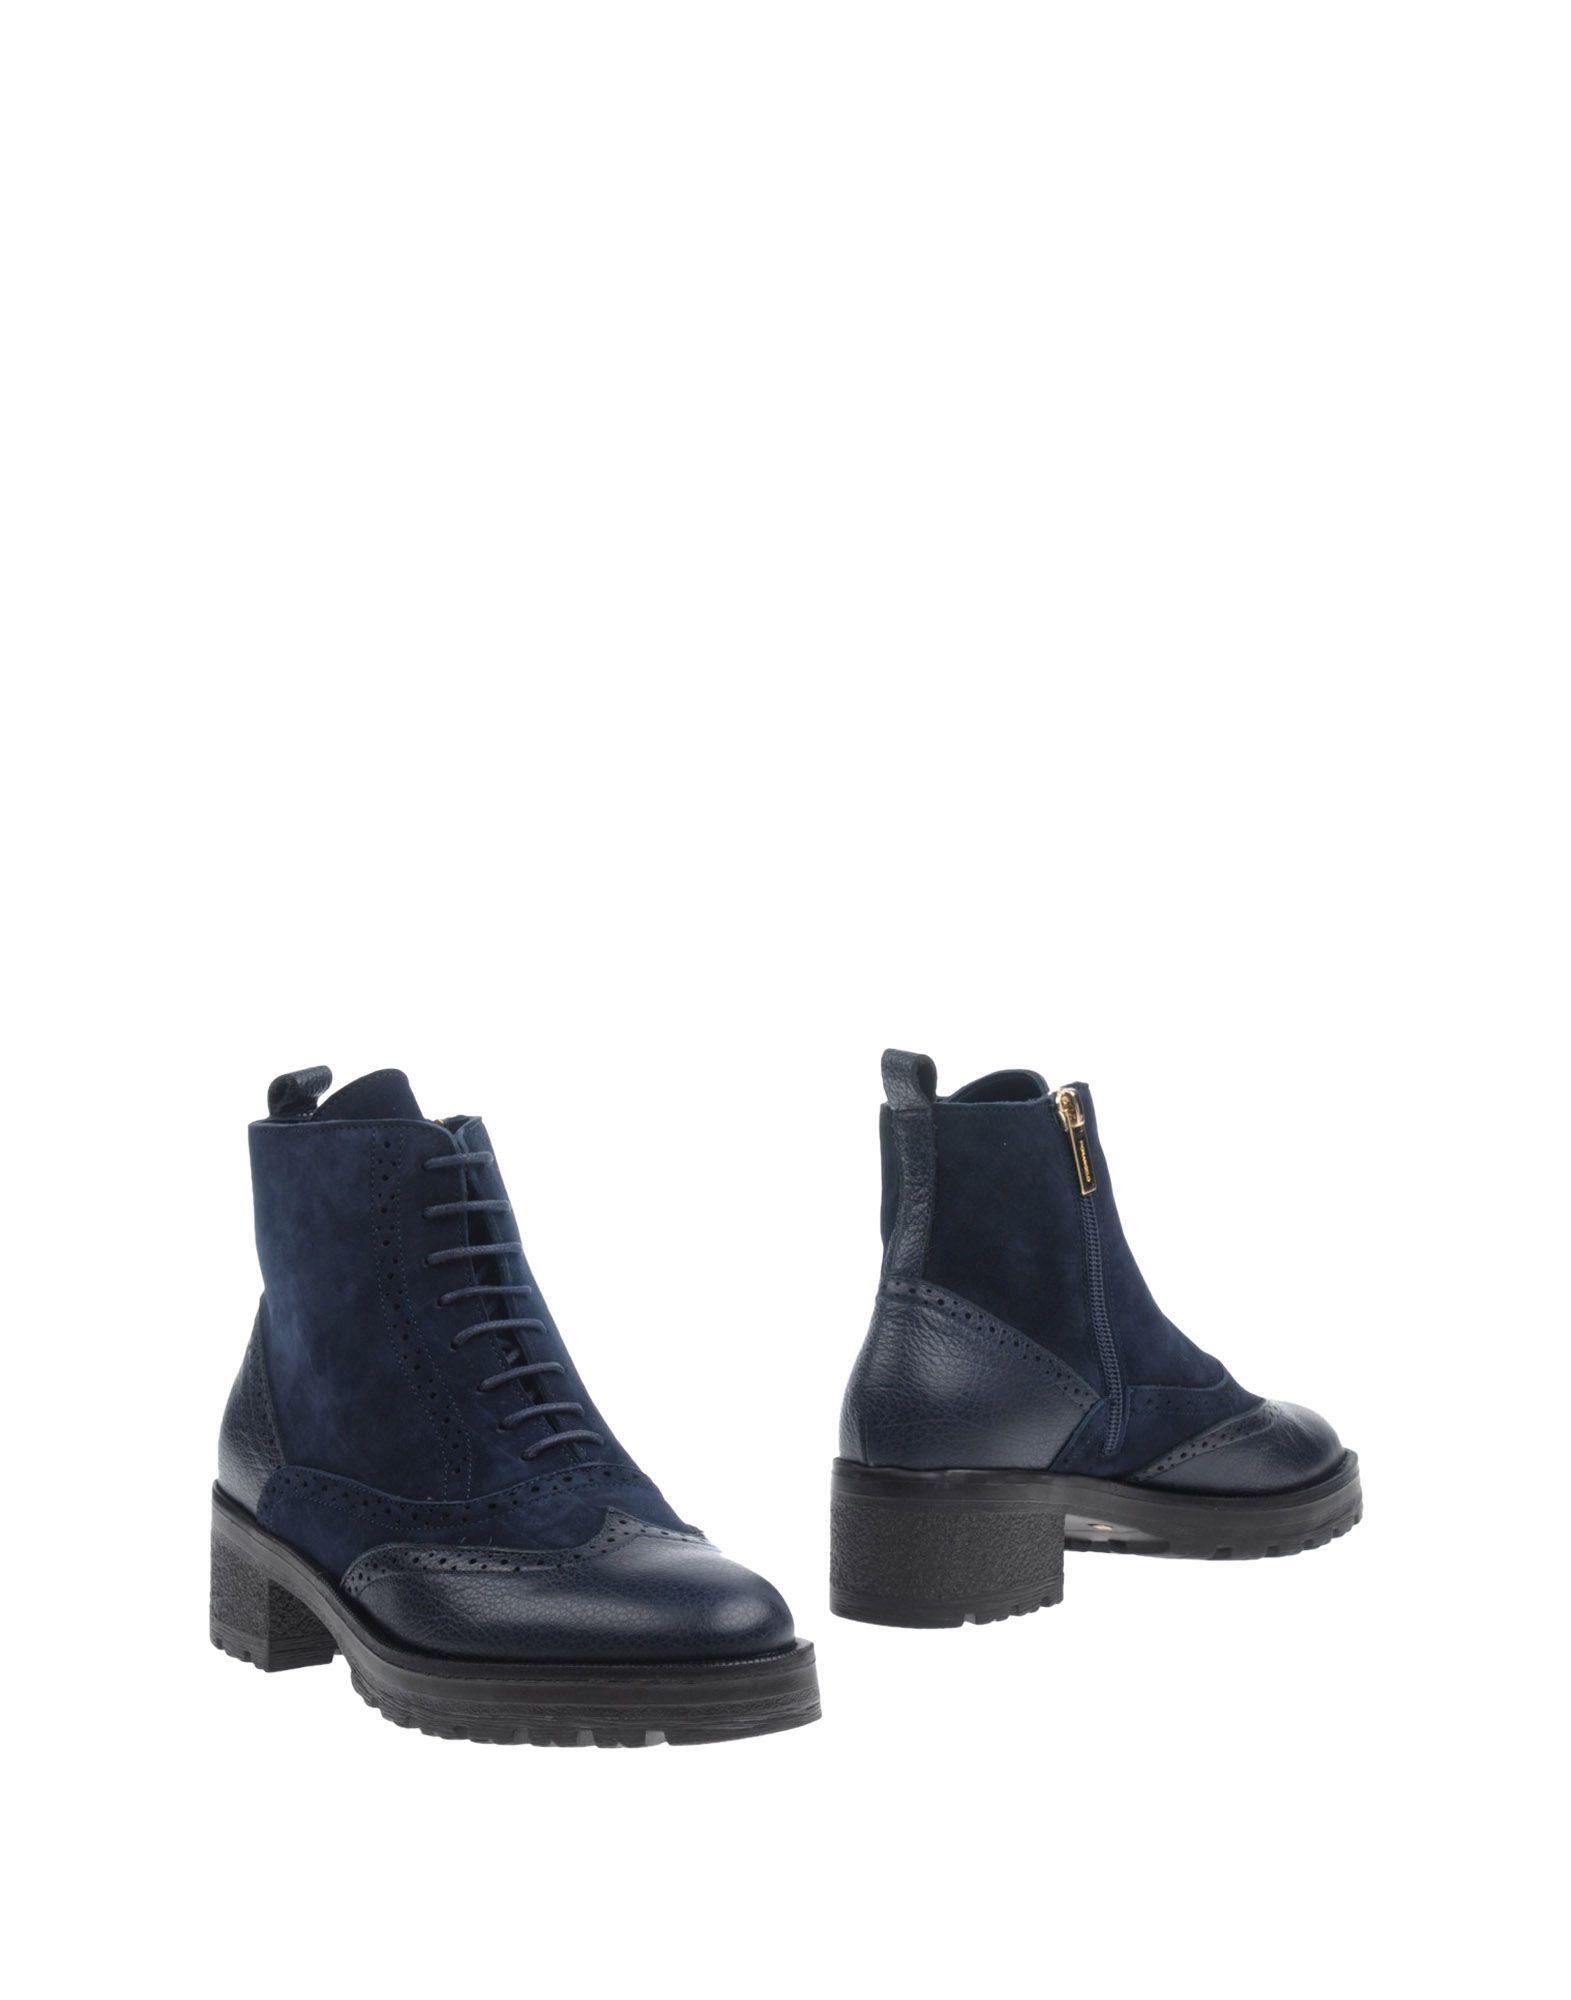 Fiorangelo Stiefelette Damen  11291411TQ Gute Qualität beliebte Schuhe